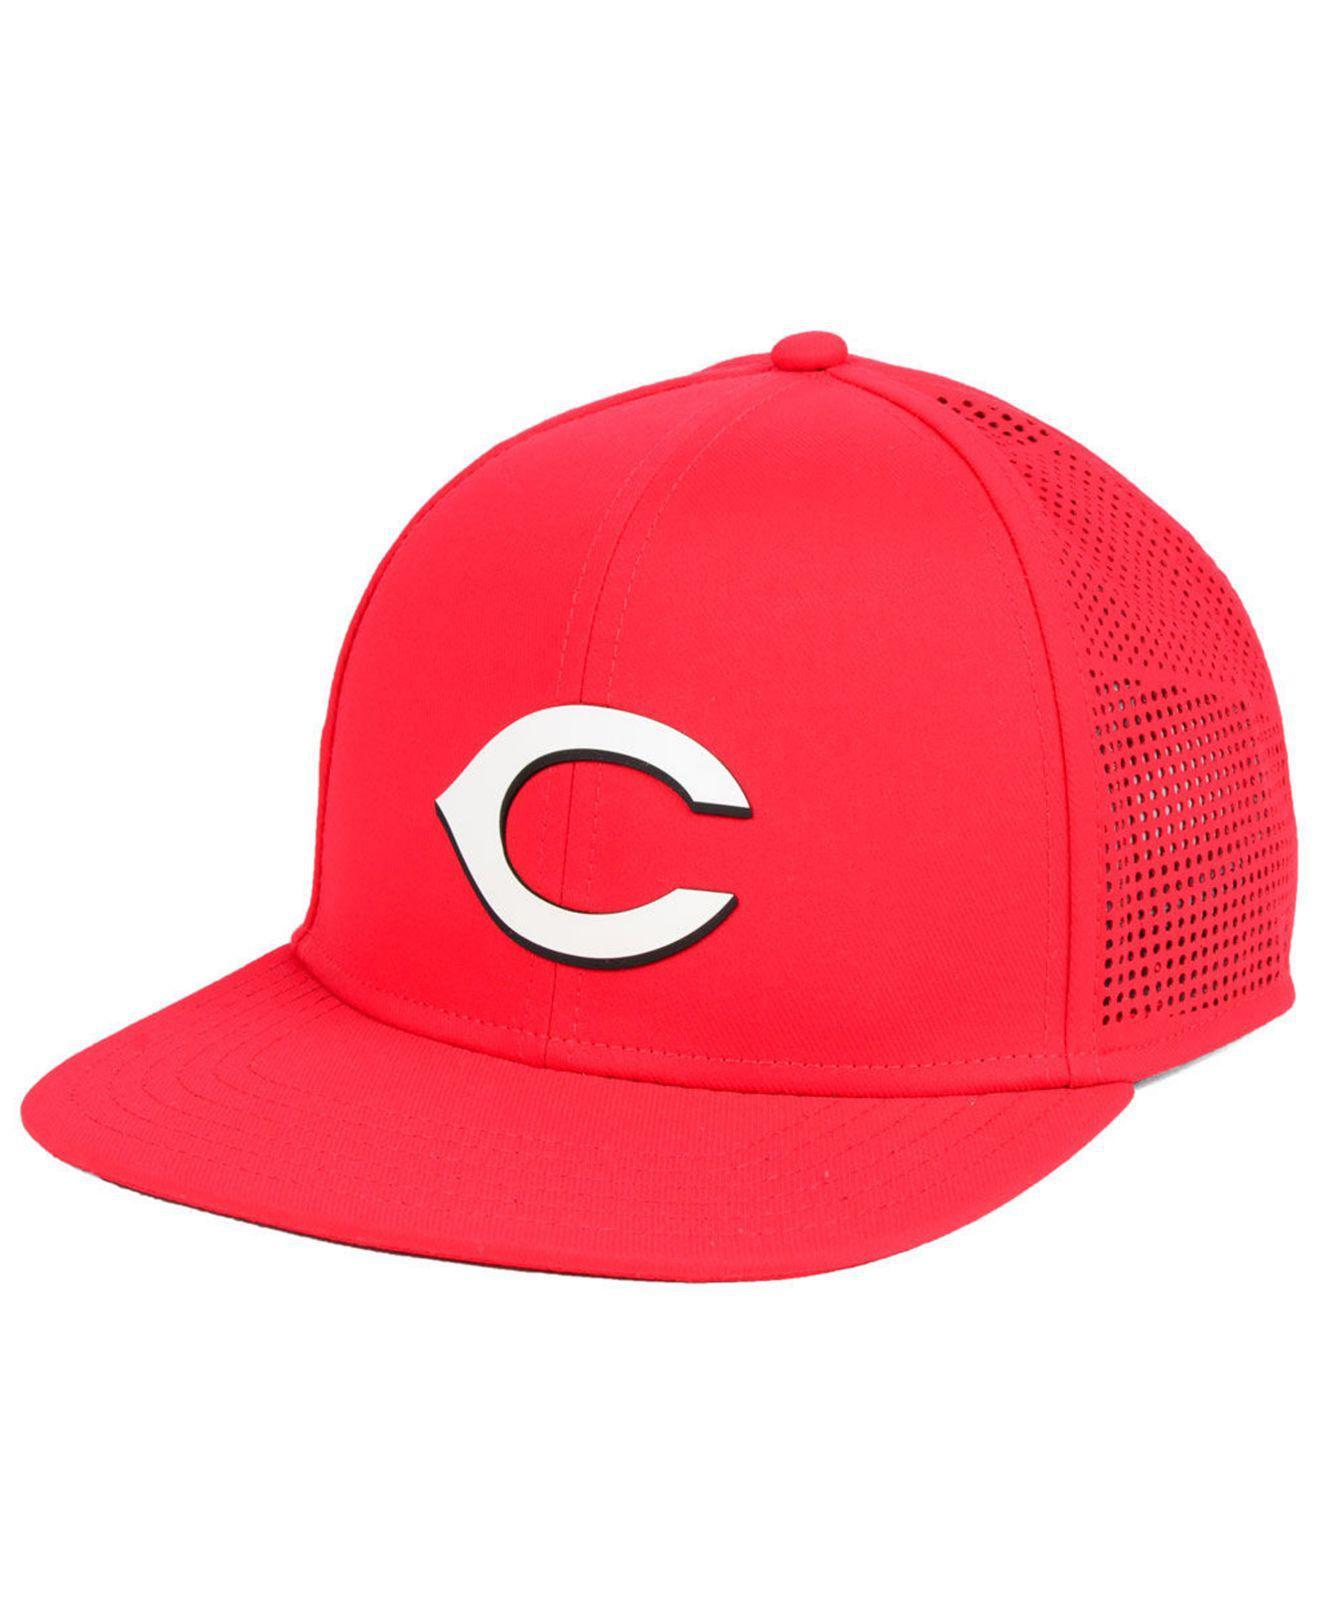 online retailer c85c6 96e36 Under Armour - Cincinnati Reds Supervent Cap for Men - Lyst. View fullscreen